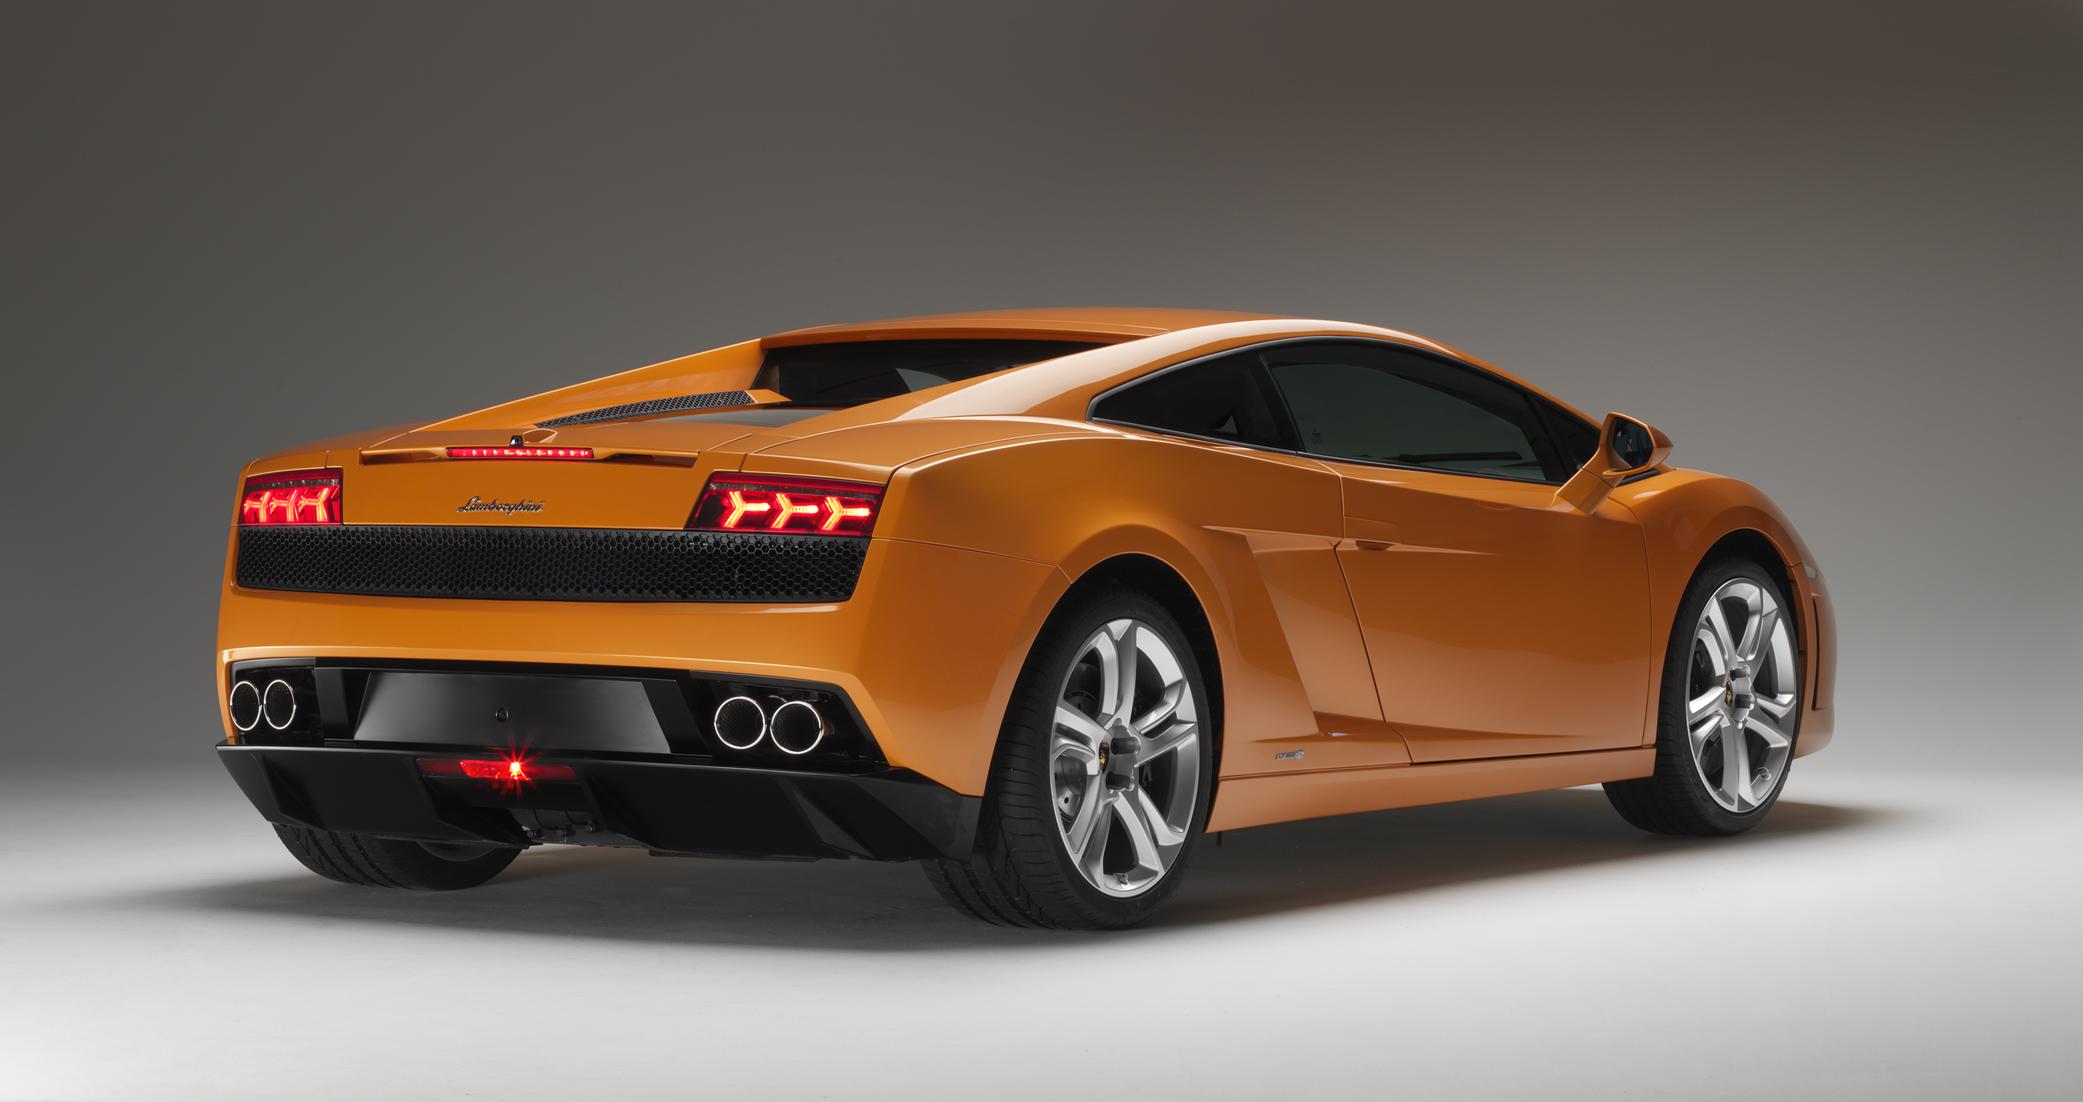 Lamborghini Gallardo LP rear 3/4